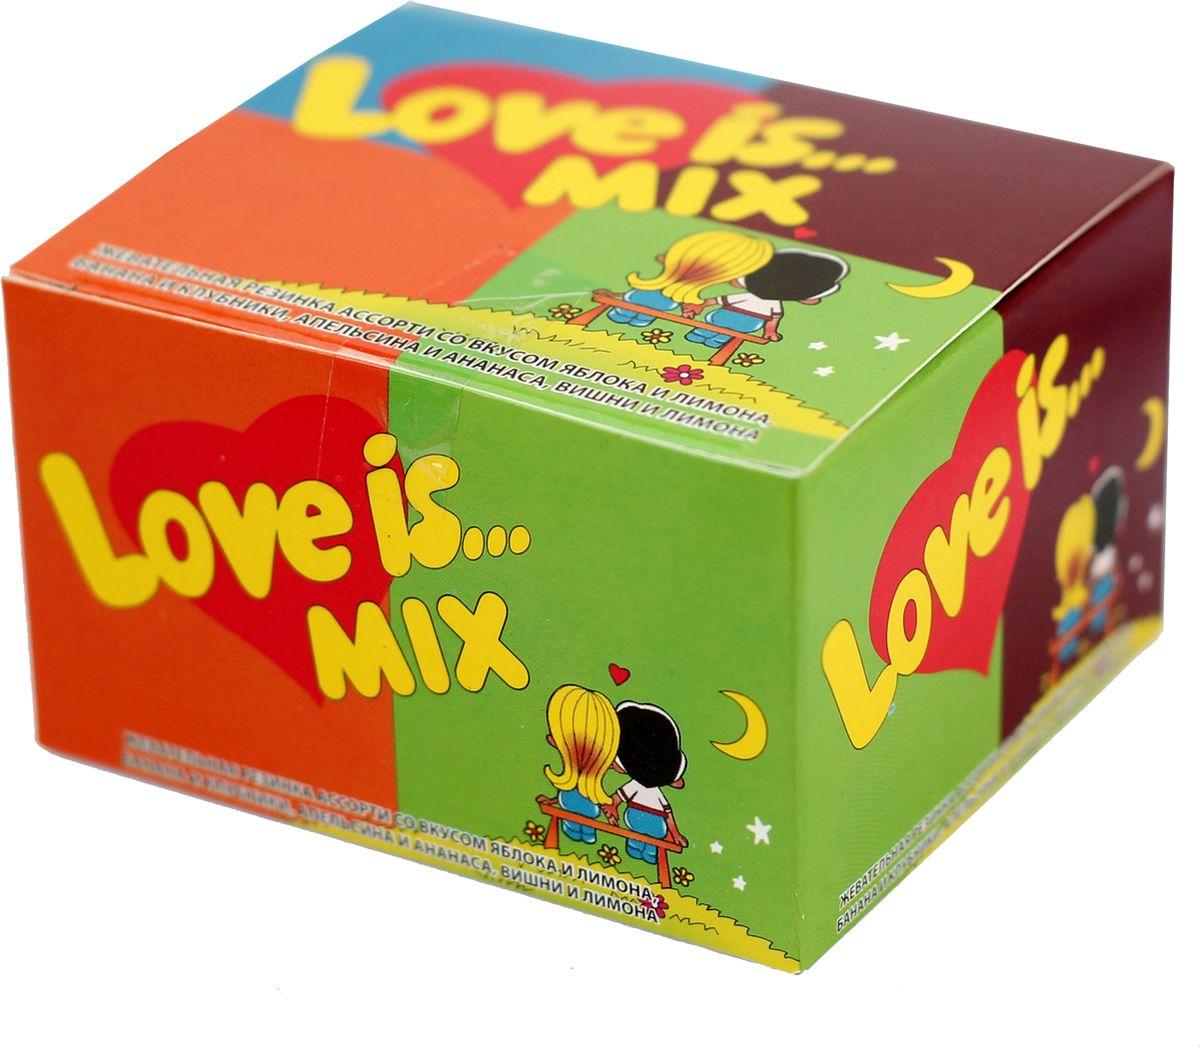 Love is Жевательная резинка, микс, 20 шт0120710Love is... сегодня не просто жевательная резинка, а культурное явление, знаковый продукт 90-х годов.Одна подушечка Love is... способна перенести вас в мир детства, а история на вкладыше — подарить отличное настроение! В упаковке - 20 жвачек ассорти, со вкусами яблока и лимона, банана и клубники, апельсина и ананаса, вишни и лимона.